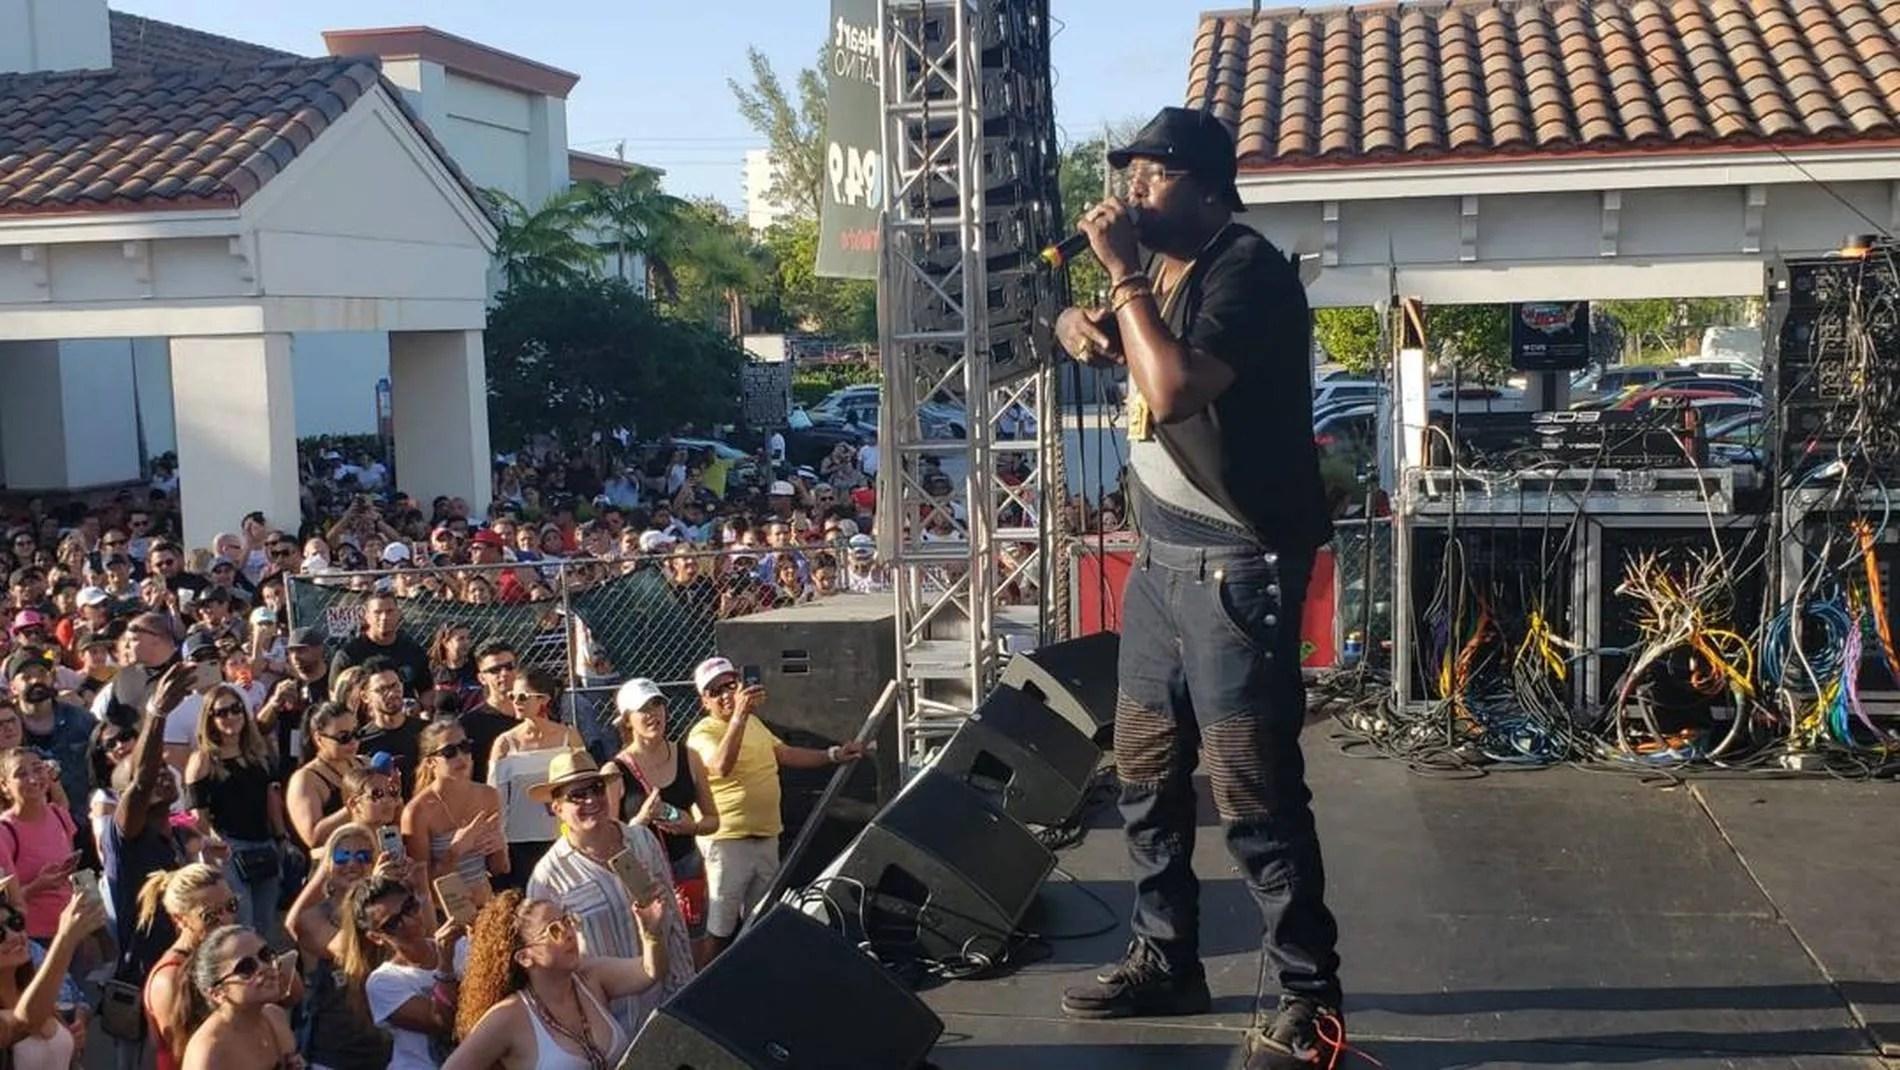 El Micha durante la gira por Cuba que realizó durante a finales de 2018 y comienzos de 2019. Foto: Cortesía del artista.